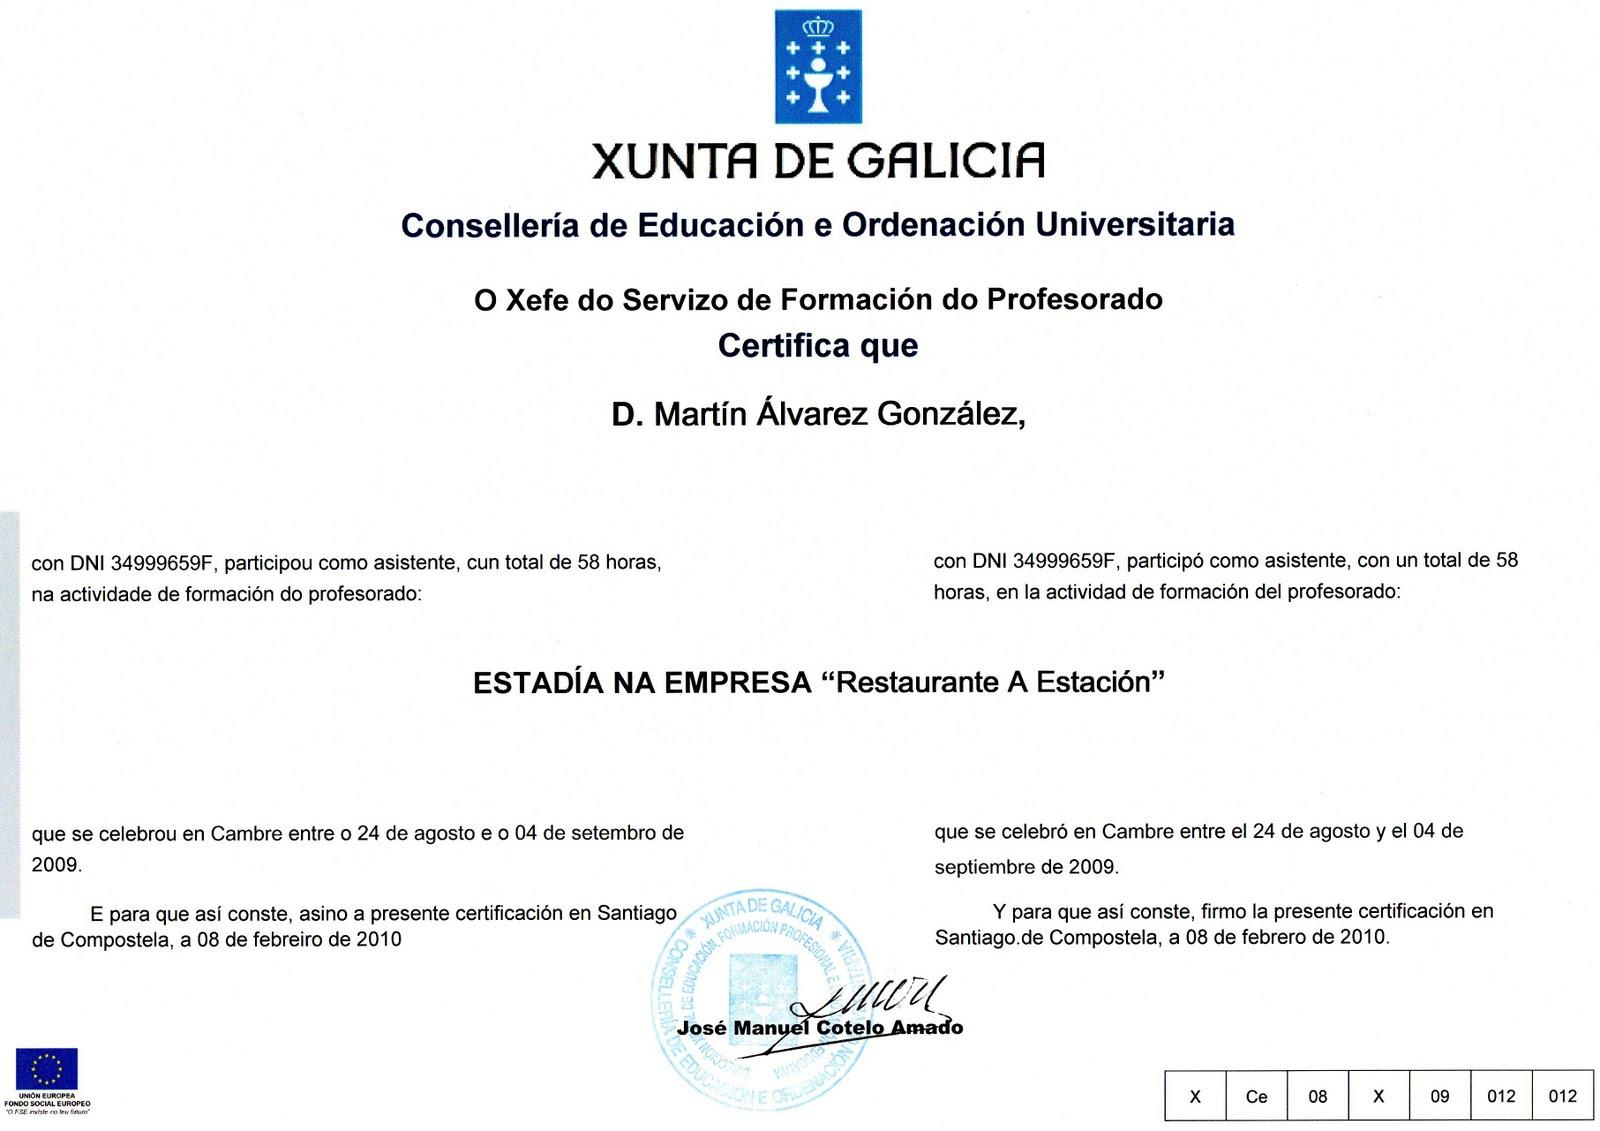 Mestre Martín: Títulos curriculum vitae